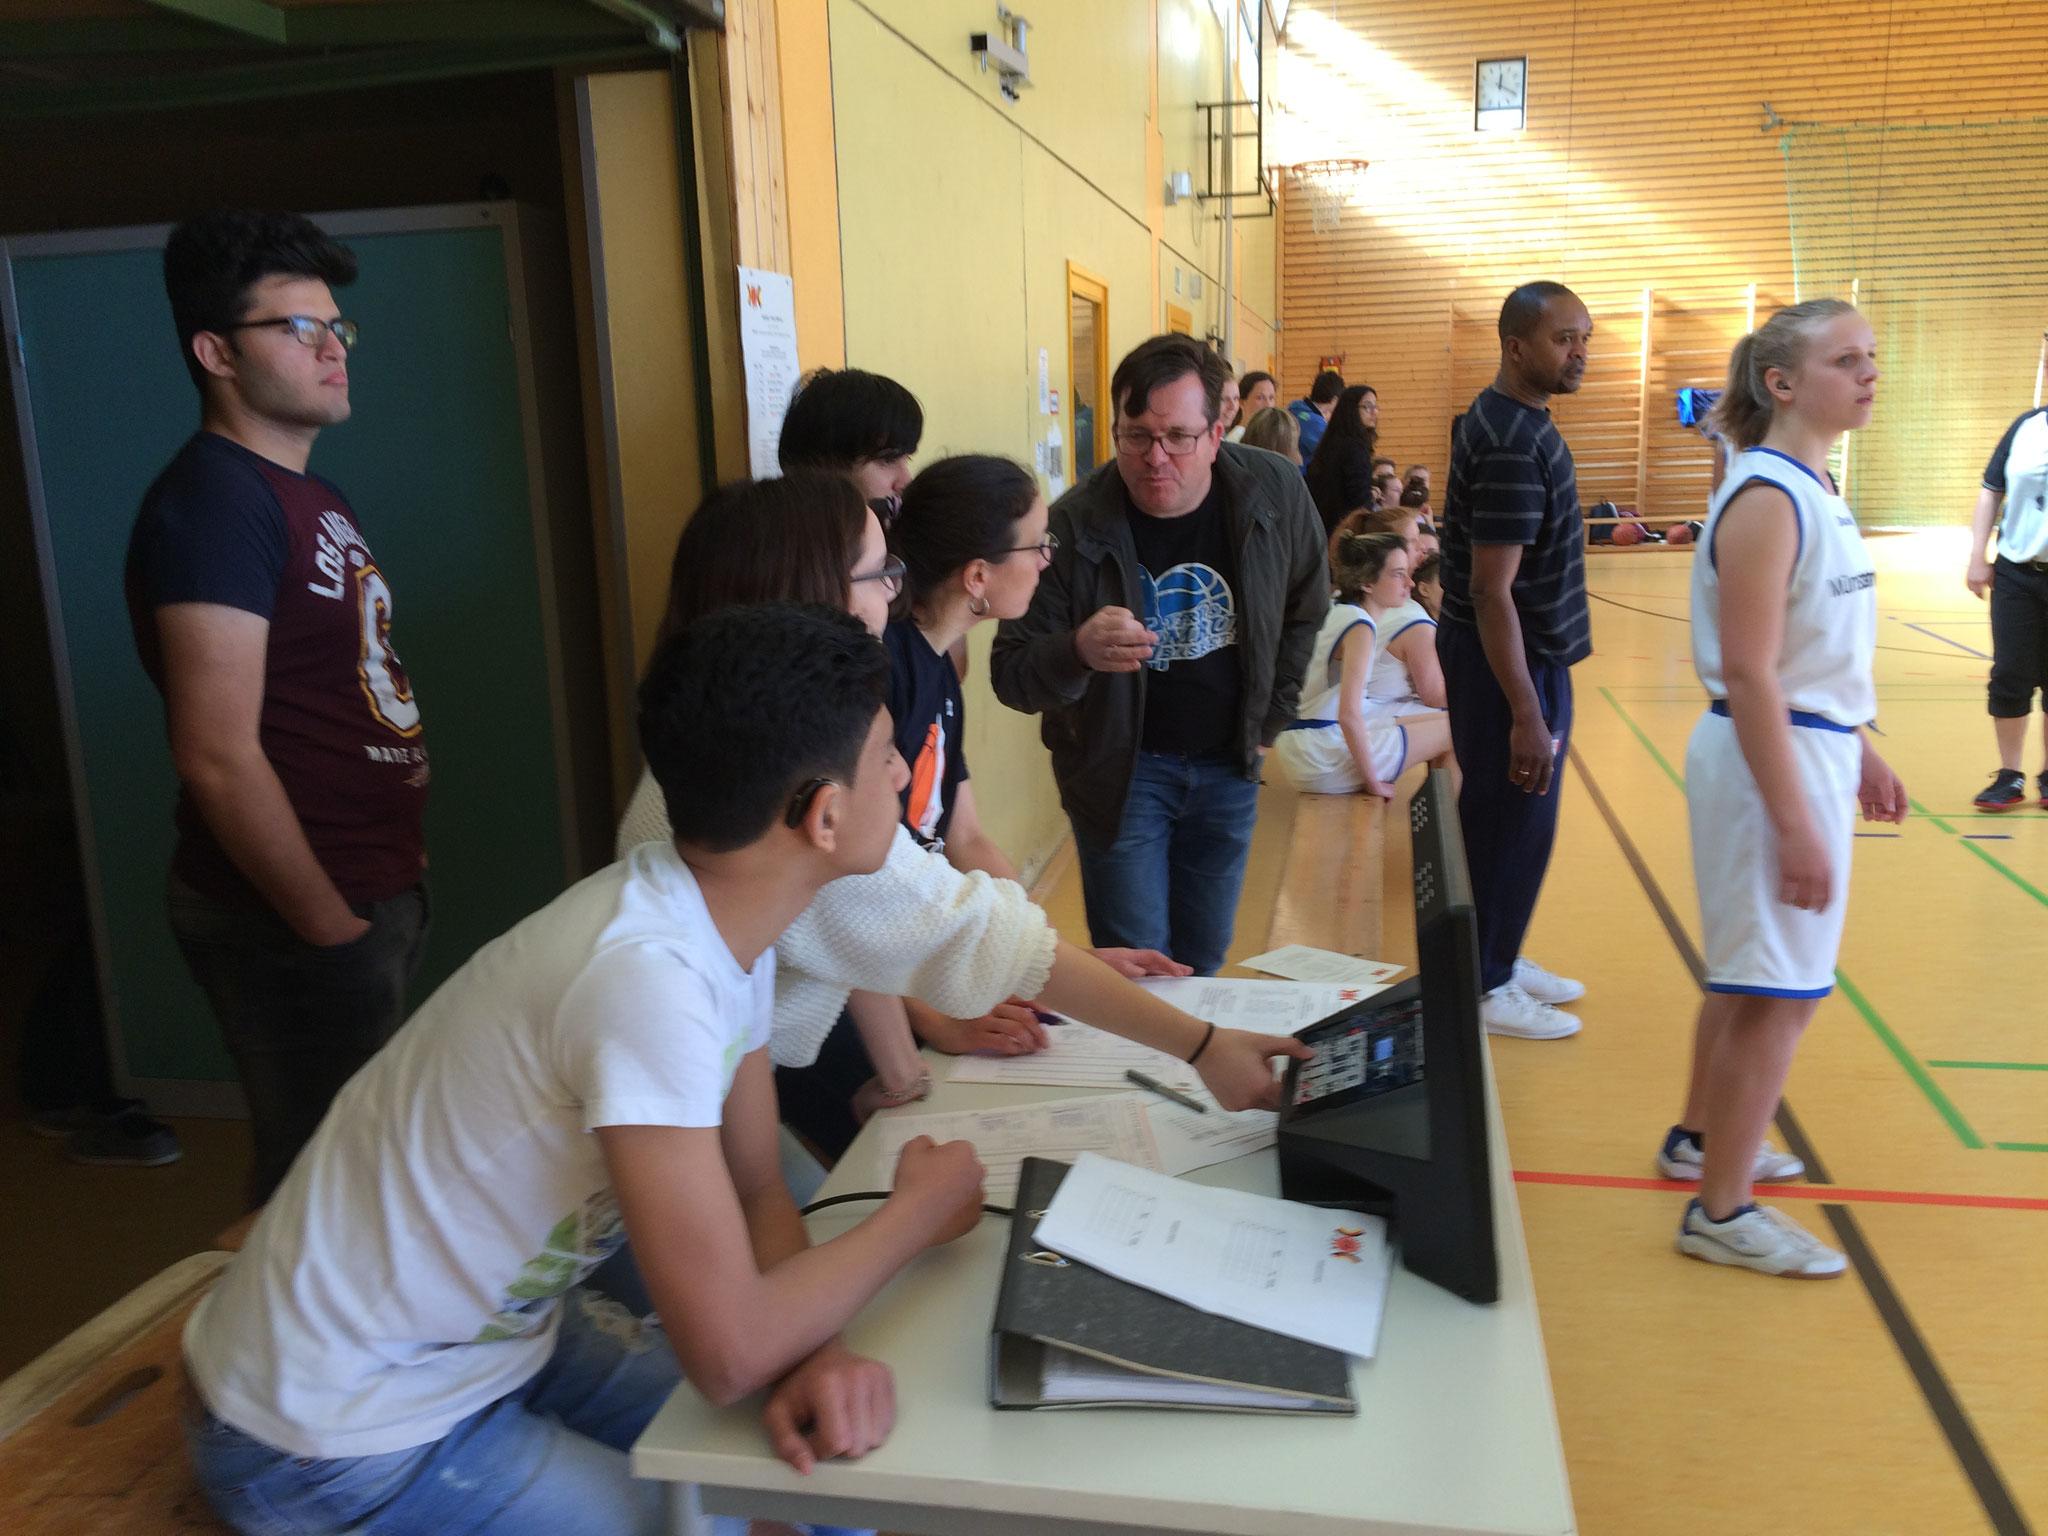 Frau Piplow managt mit ihren Potsdamer Schülern das Anschreiben